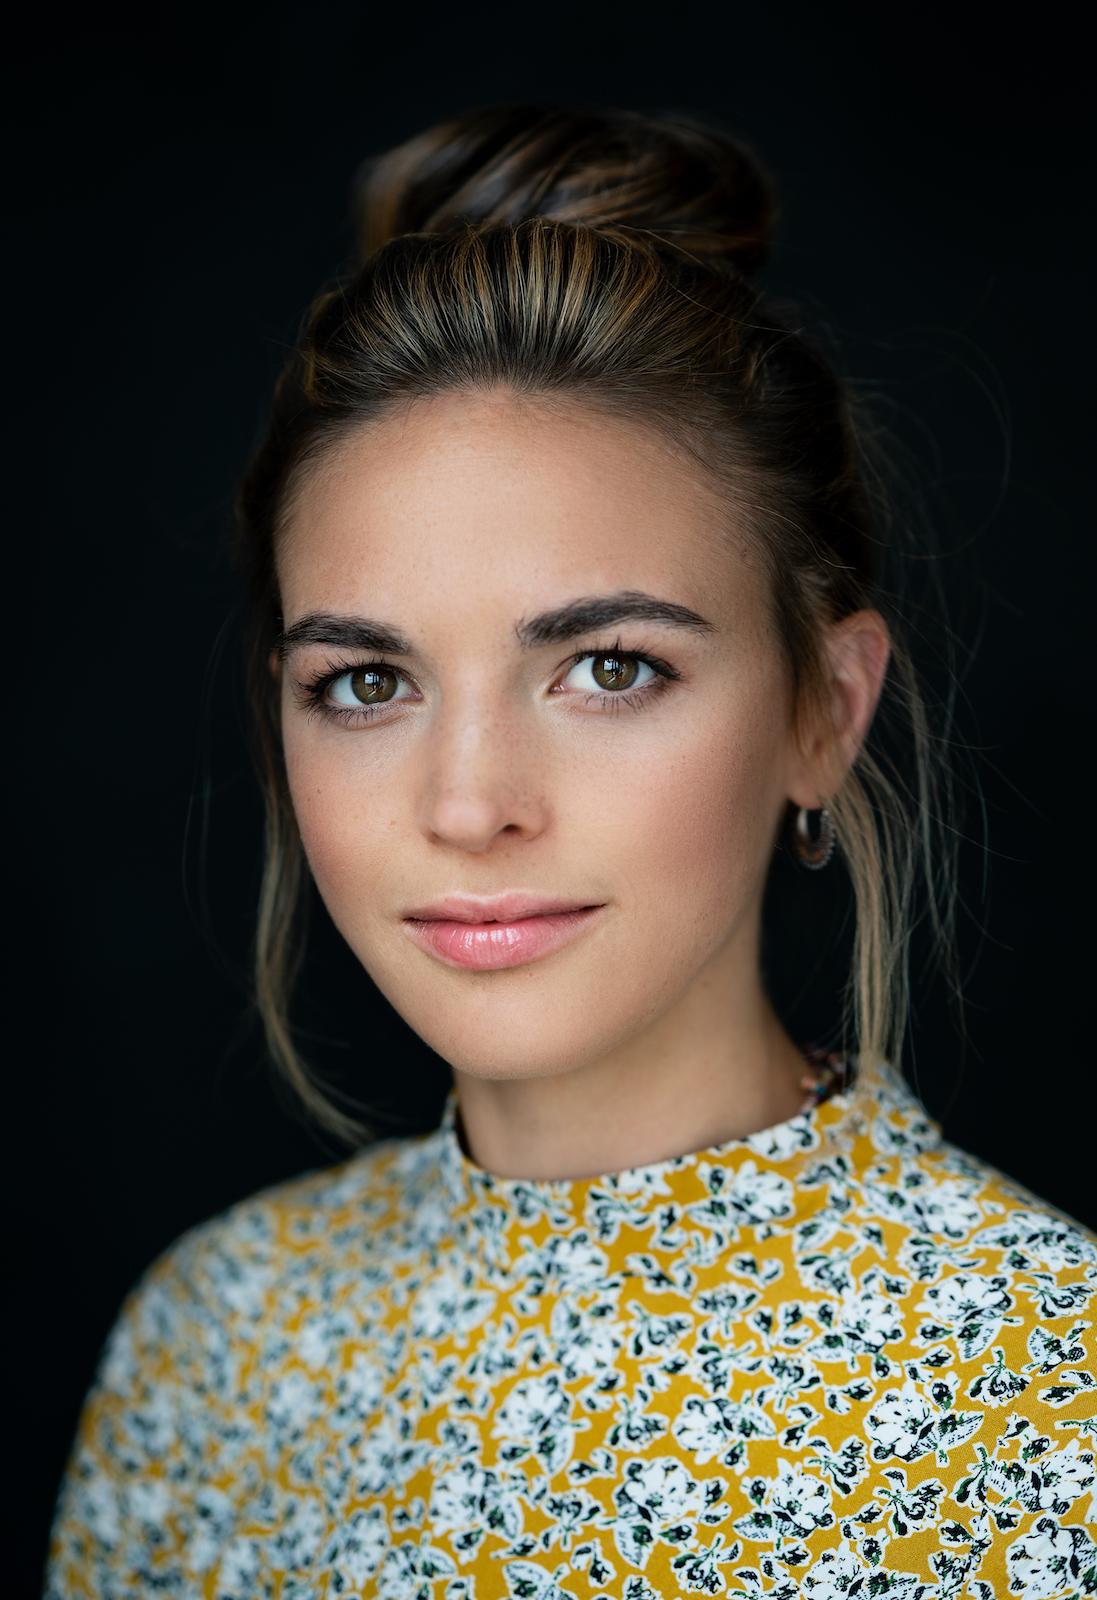 modernes Business-Portrait einer jungen Frau in Blumenprint und schwarzem Hintergrund